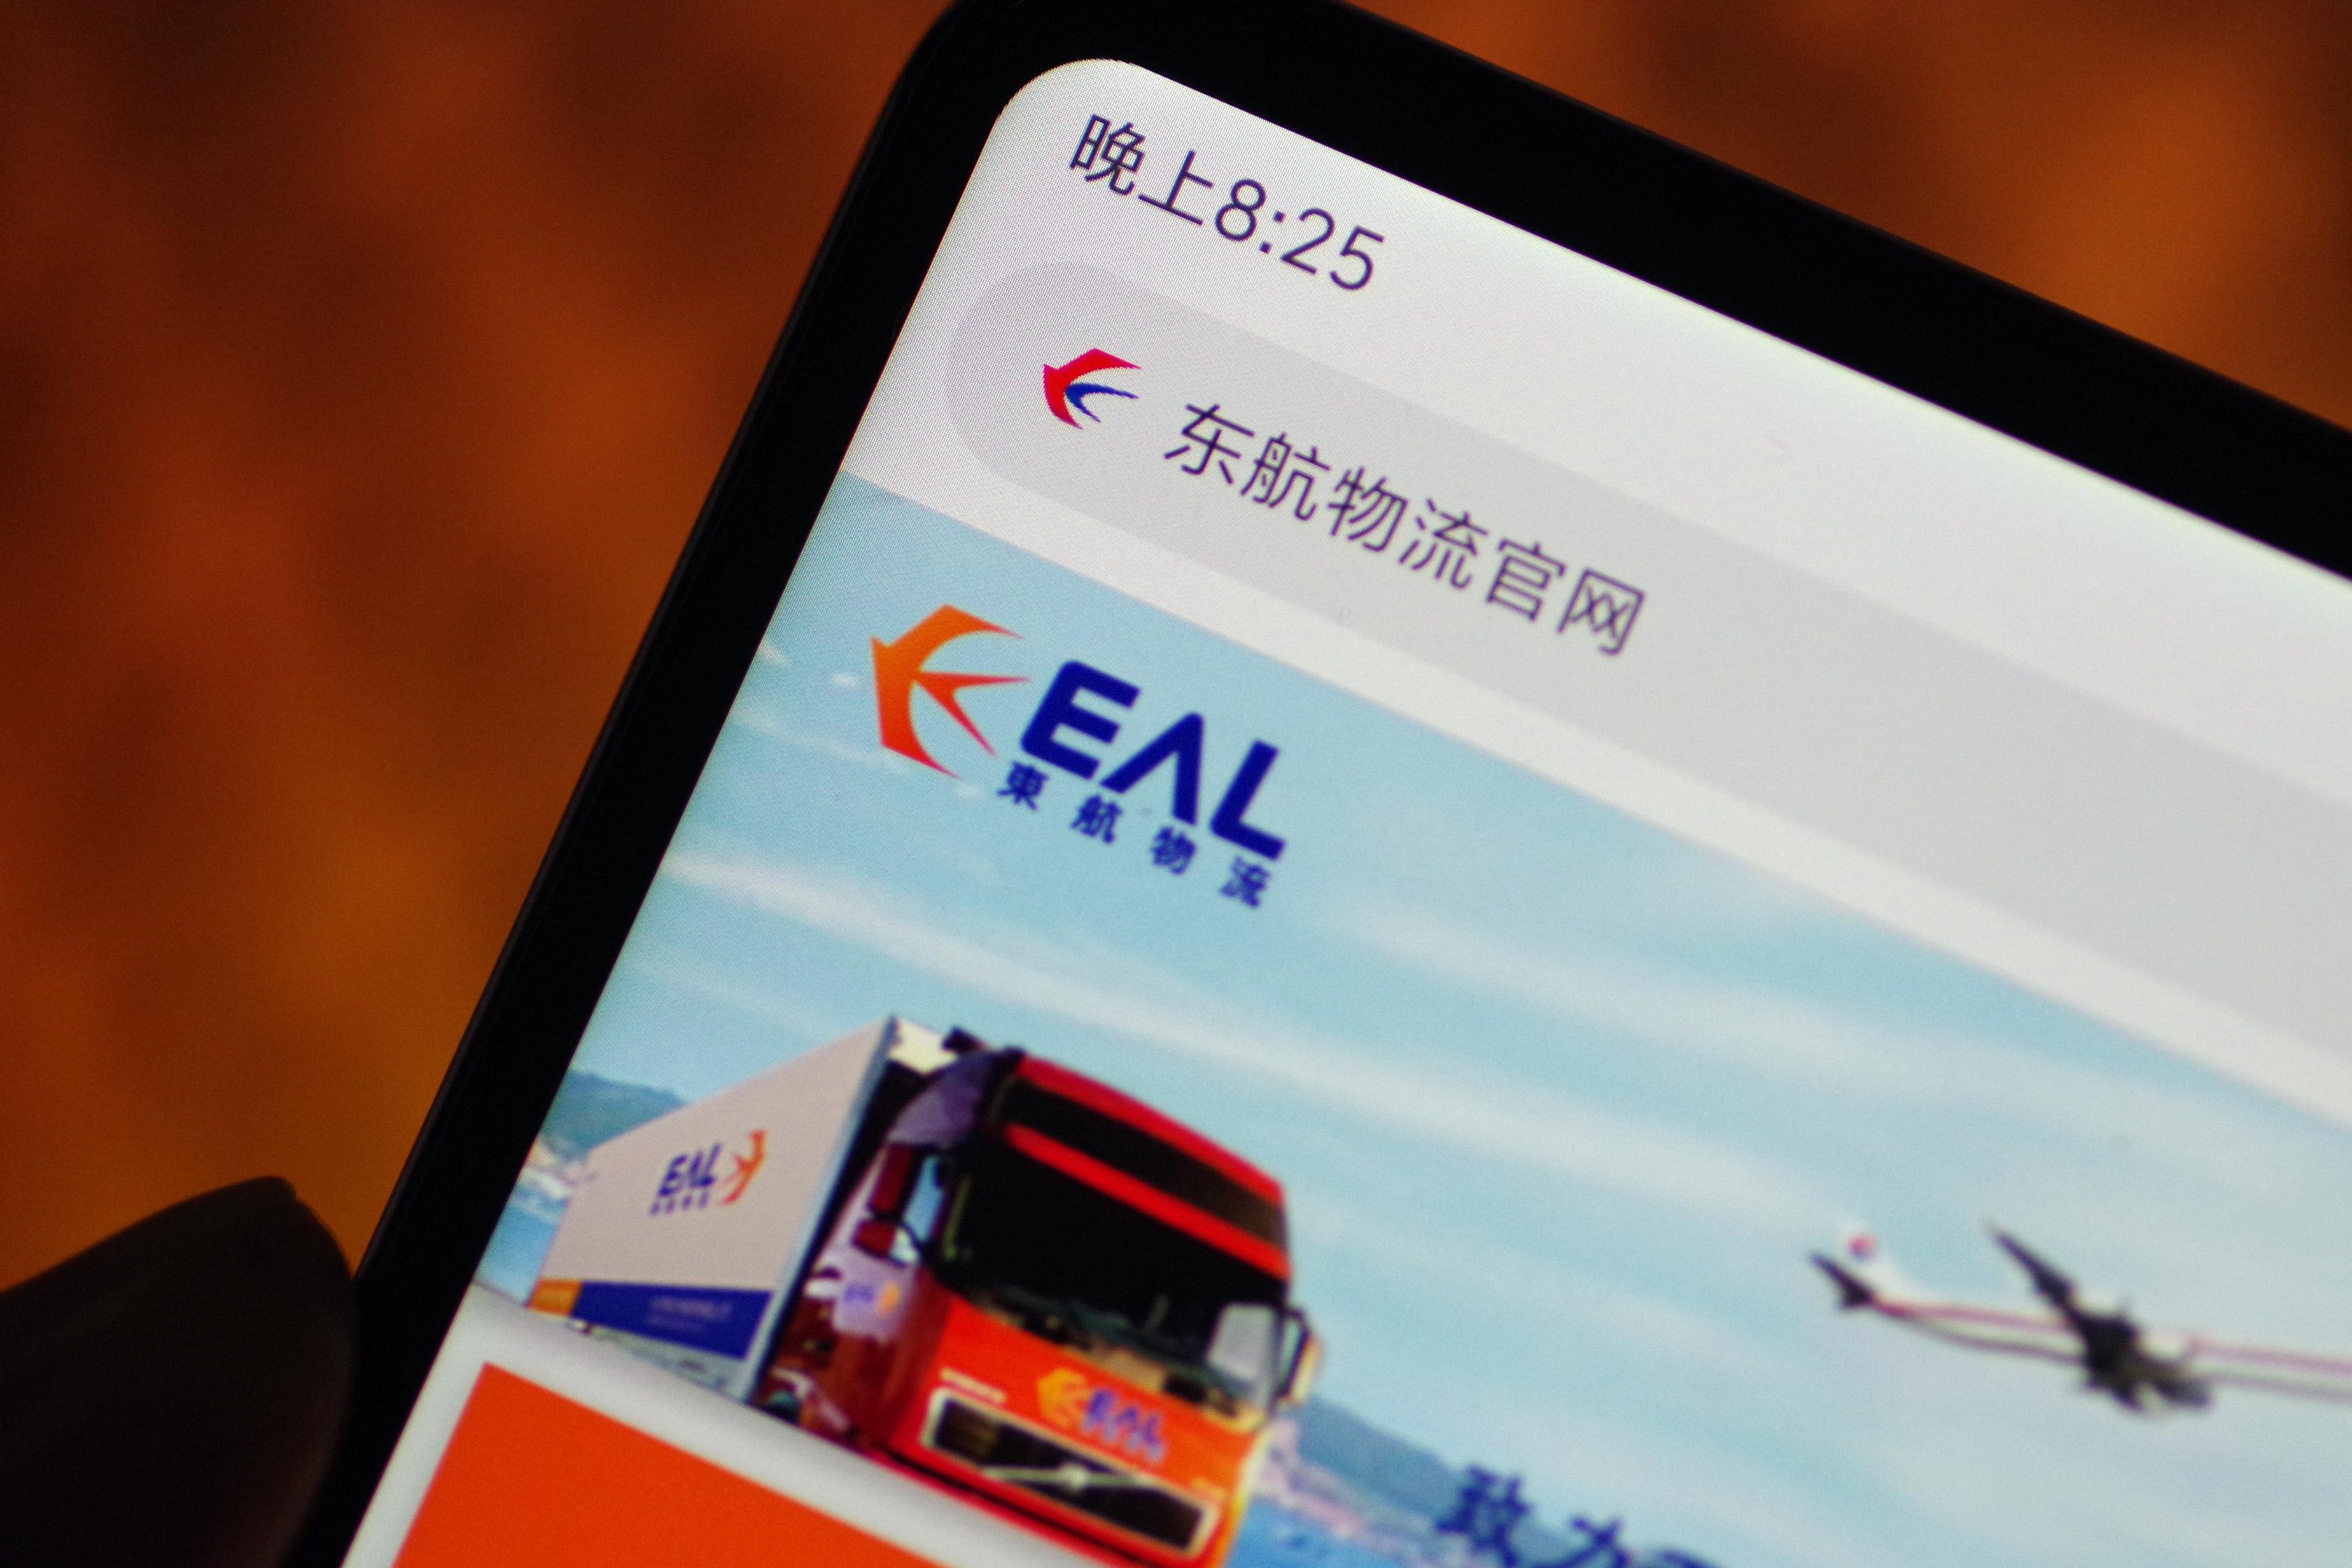 东航物流上千员工未缴纳社保,逾百万元诉讼败诉未披露